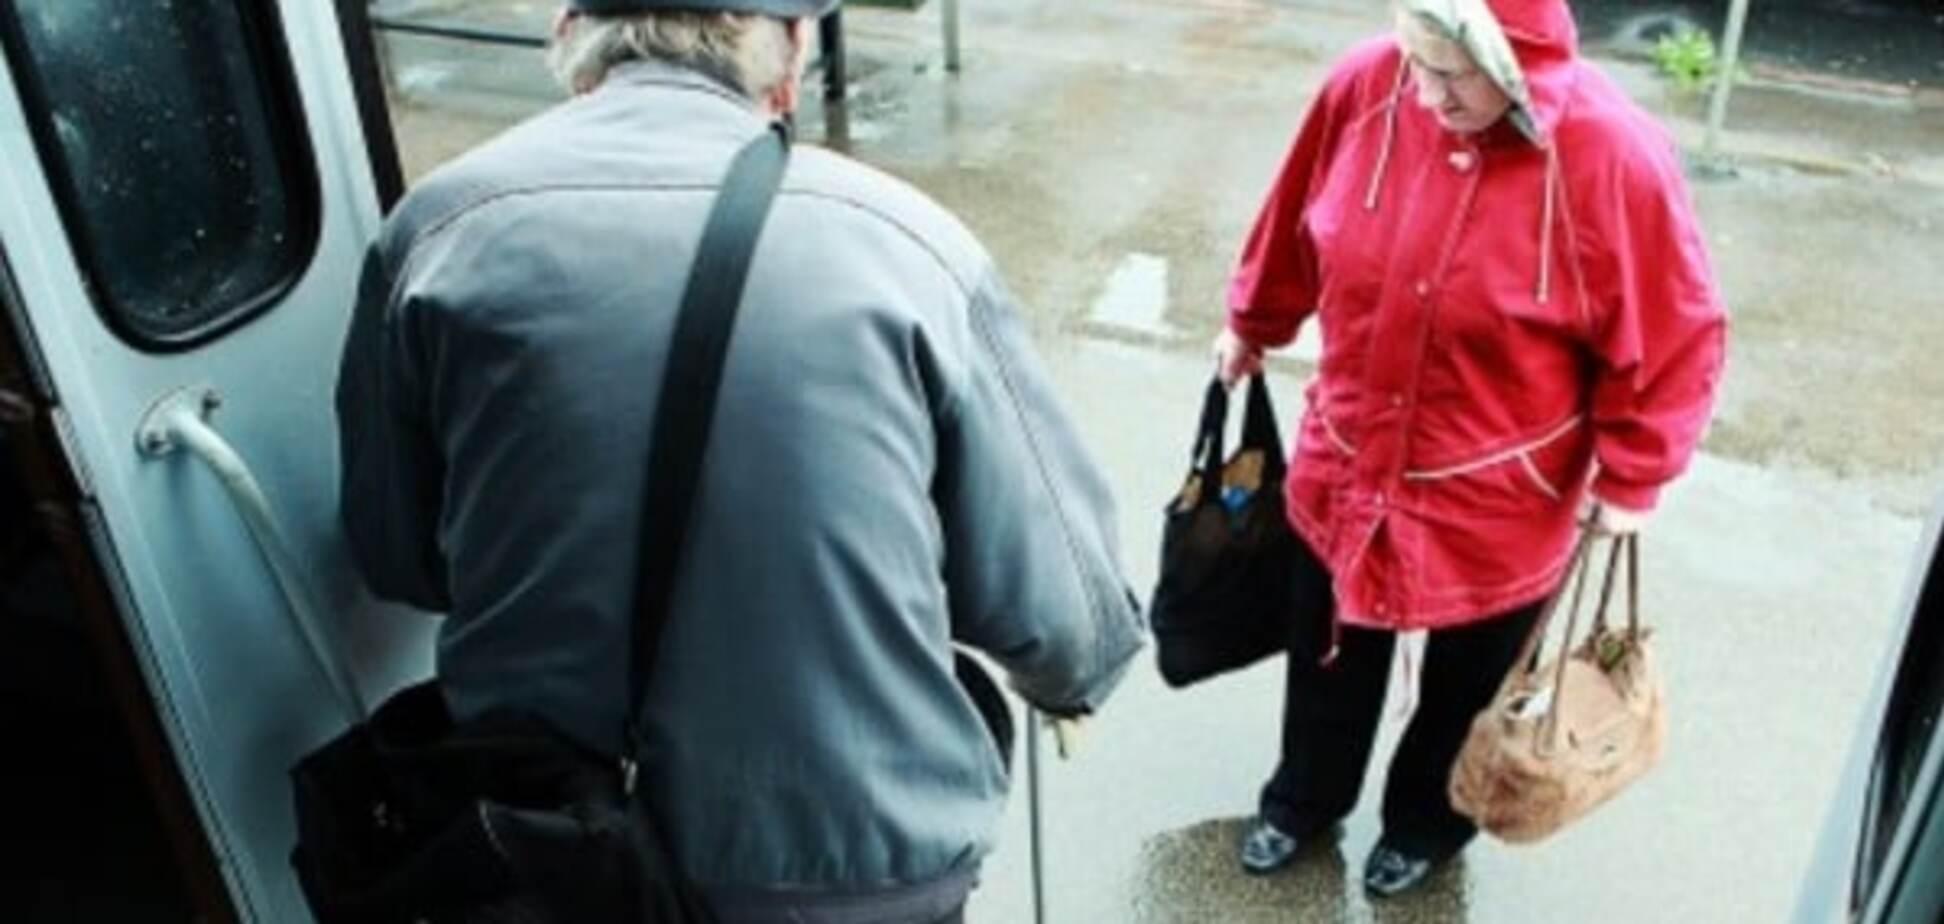 Преступность в Киеве: грабители открыли охоту на пенсионеров